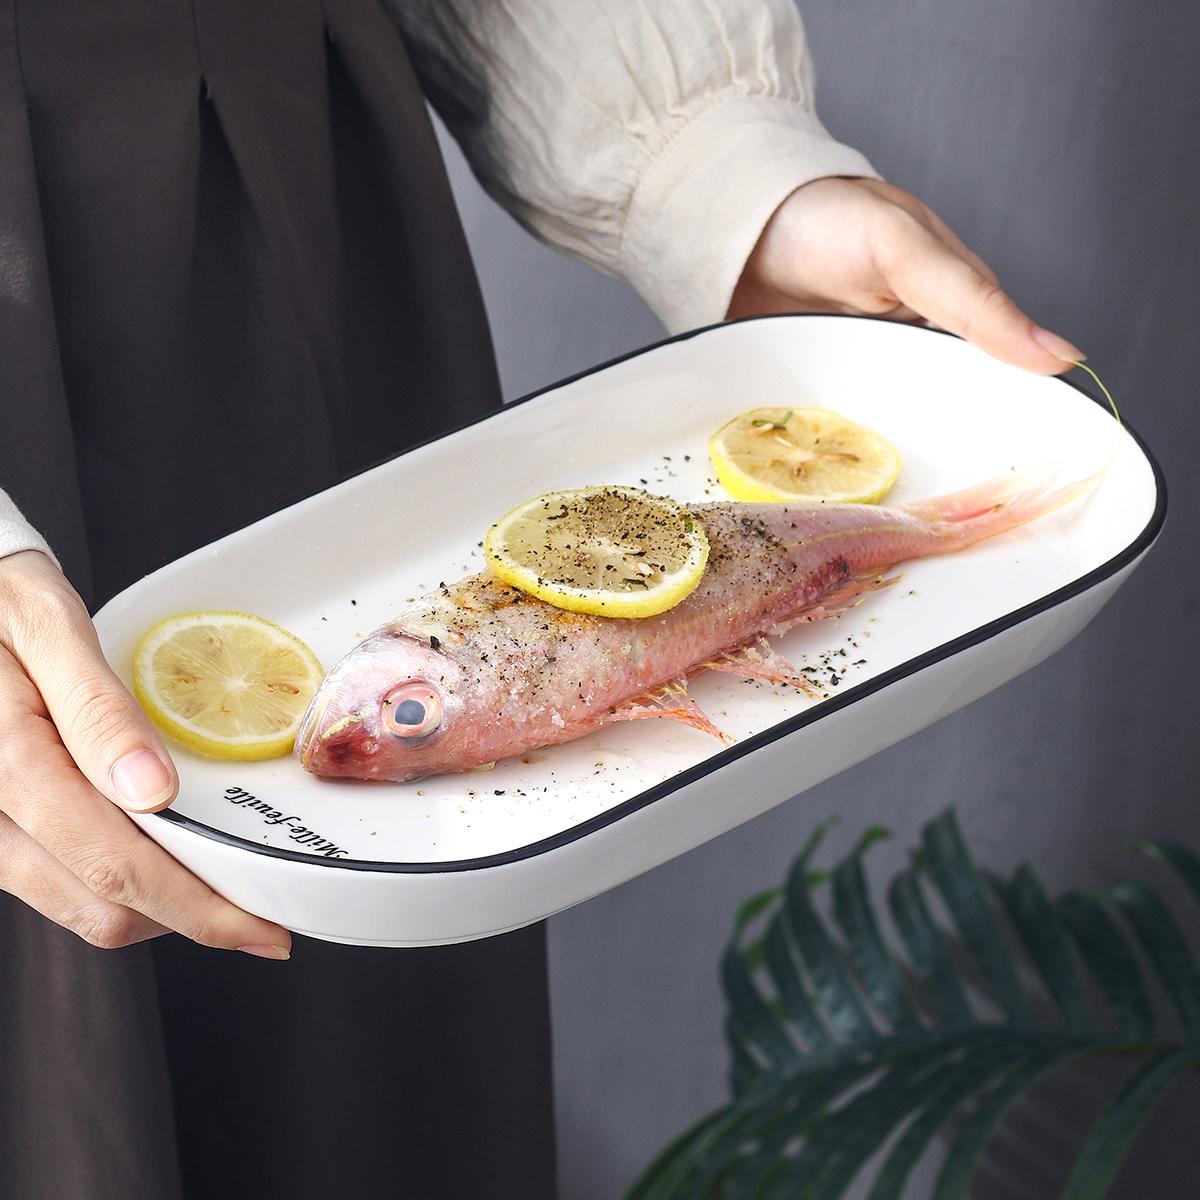 陶瓷鱼盘不规则椭圆形北欧大号蒸鱼盘子家用装鱼盘菜盘点心水果盘